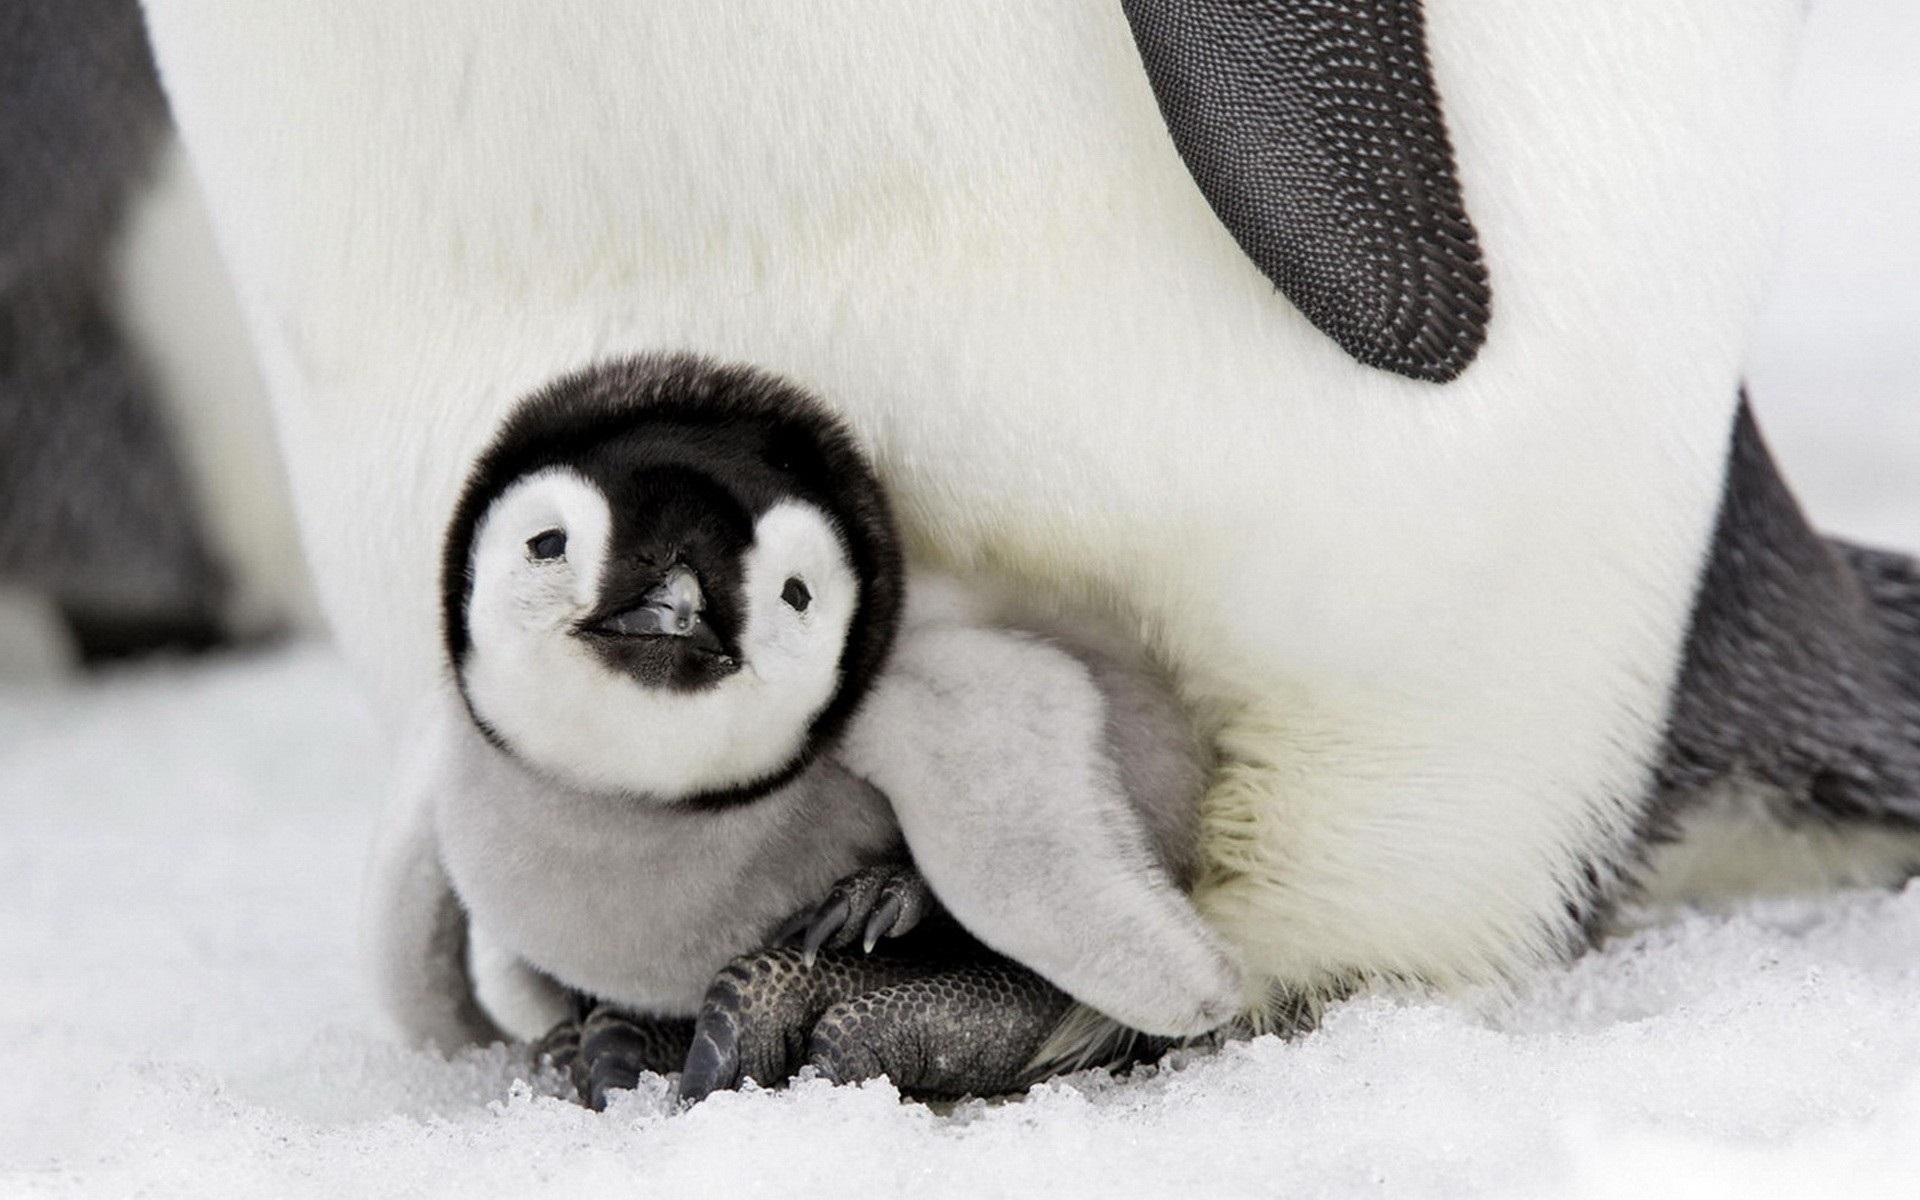 壁紙 ペンギンの赤ちゃん 1920x1200 Hd 無料のデスクトップの背景 画像